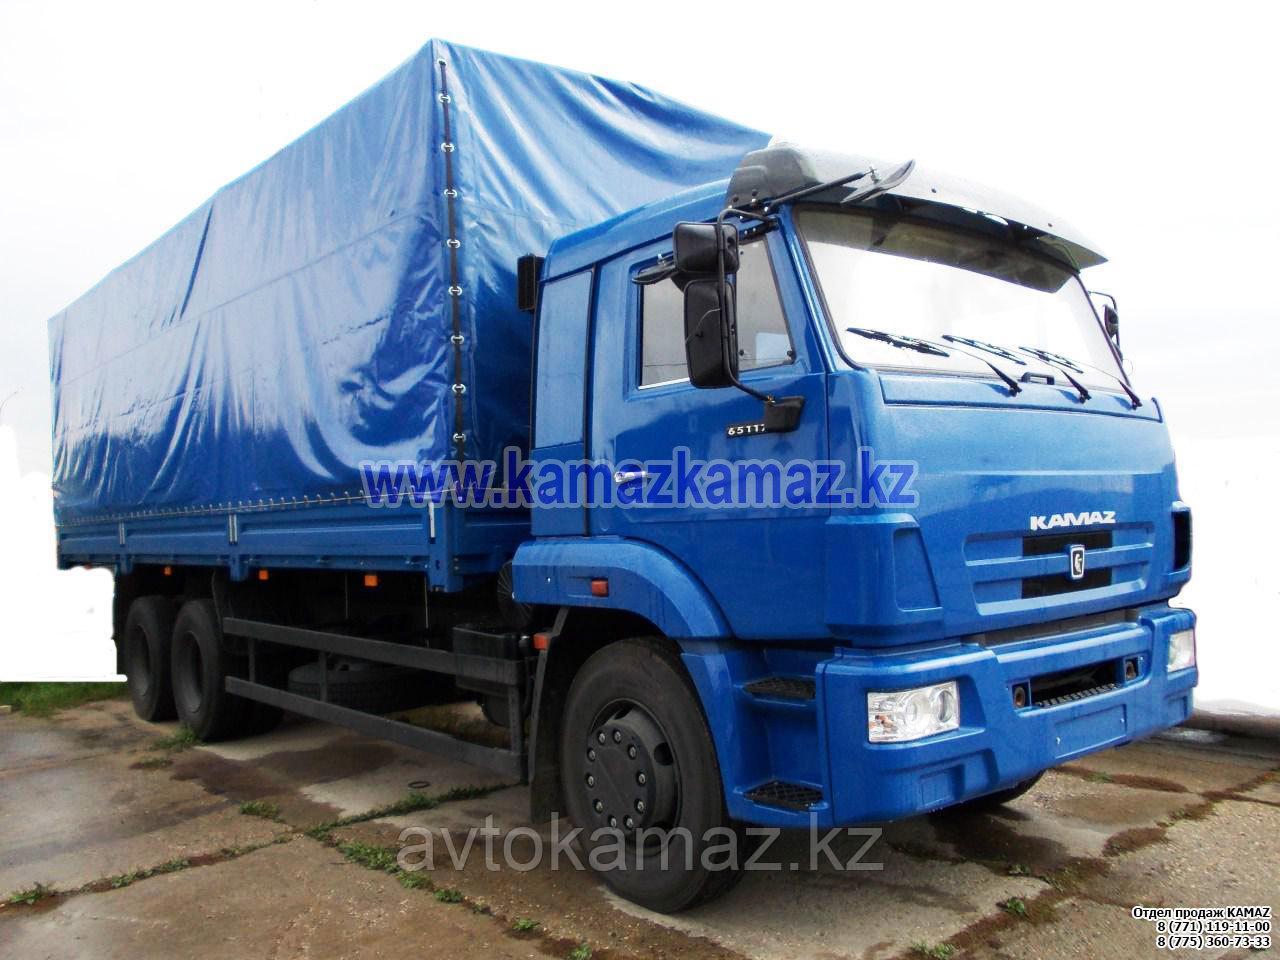 Бортовой грузовик КамАЗ 65117-776052-19 (Сборка РФ, 2017 г.)